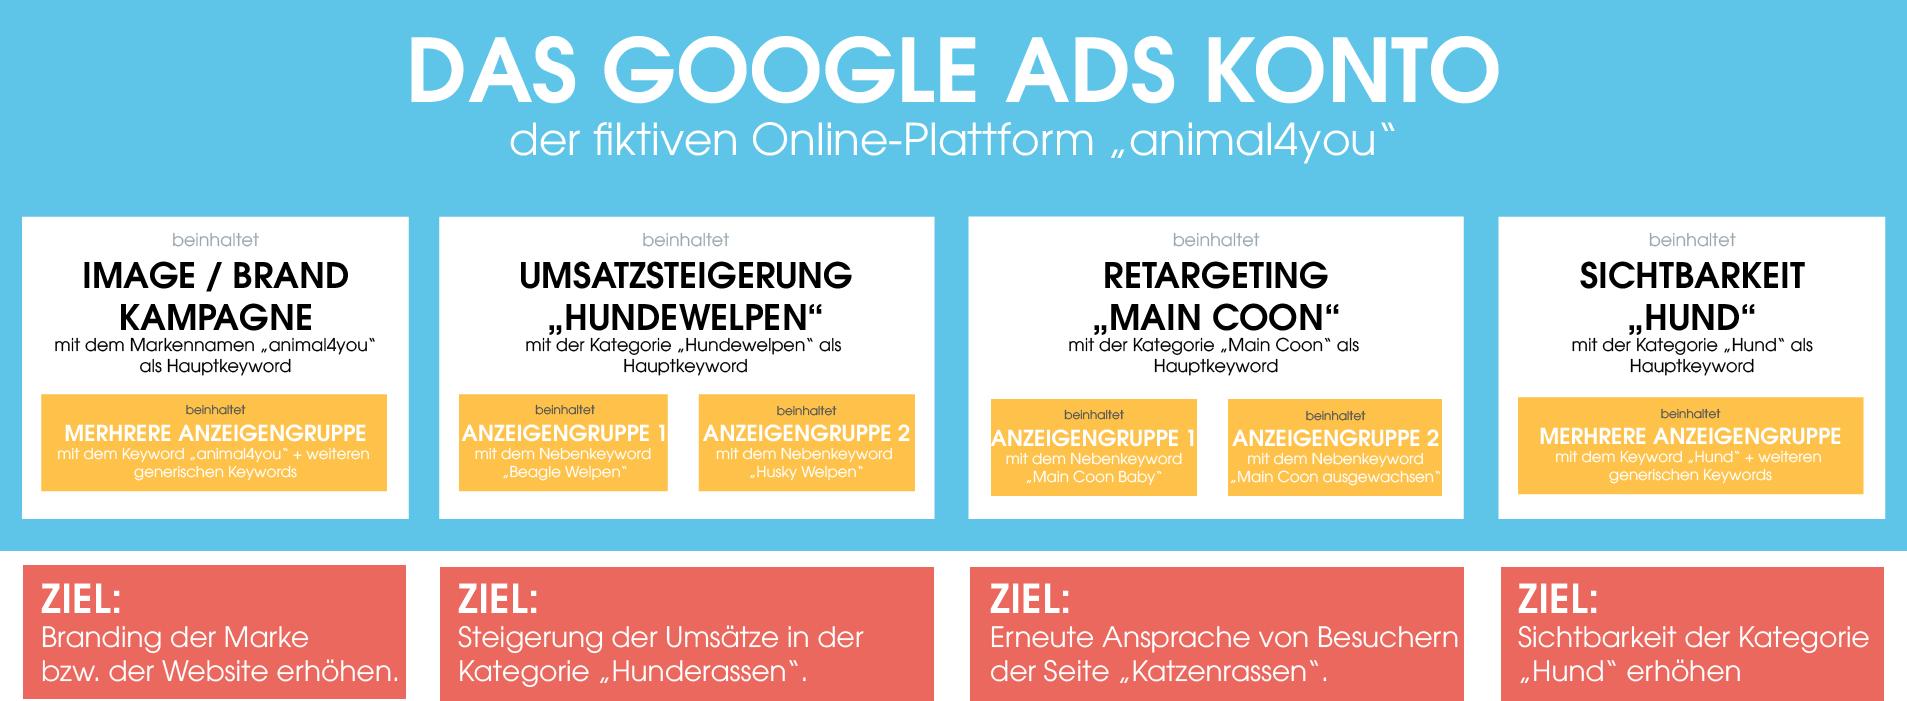 Die Grafik veranschaulicht die Clusterung eines Google Ads Kontos nach Zielen. Dabei werden die Kampagnen bewusst nach den entsprechenden Zielen benannt, um darauf den Fokus zu legen. Neben einer Brand Kampagne, um das Image zu steigern, gibt es deshalb auch umsatzsteigernde und Retargeting-Kampagnen.